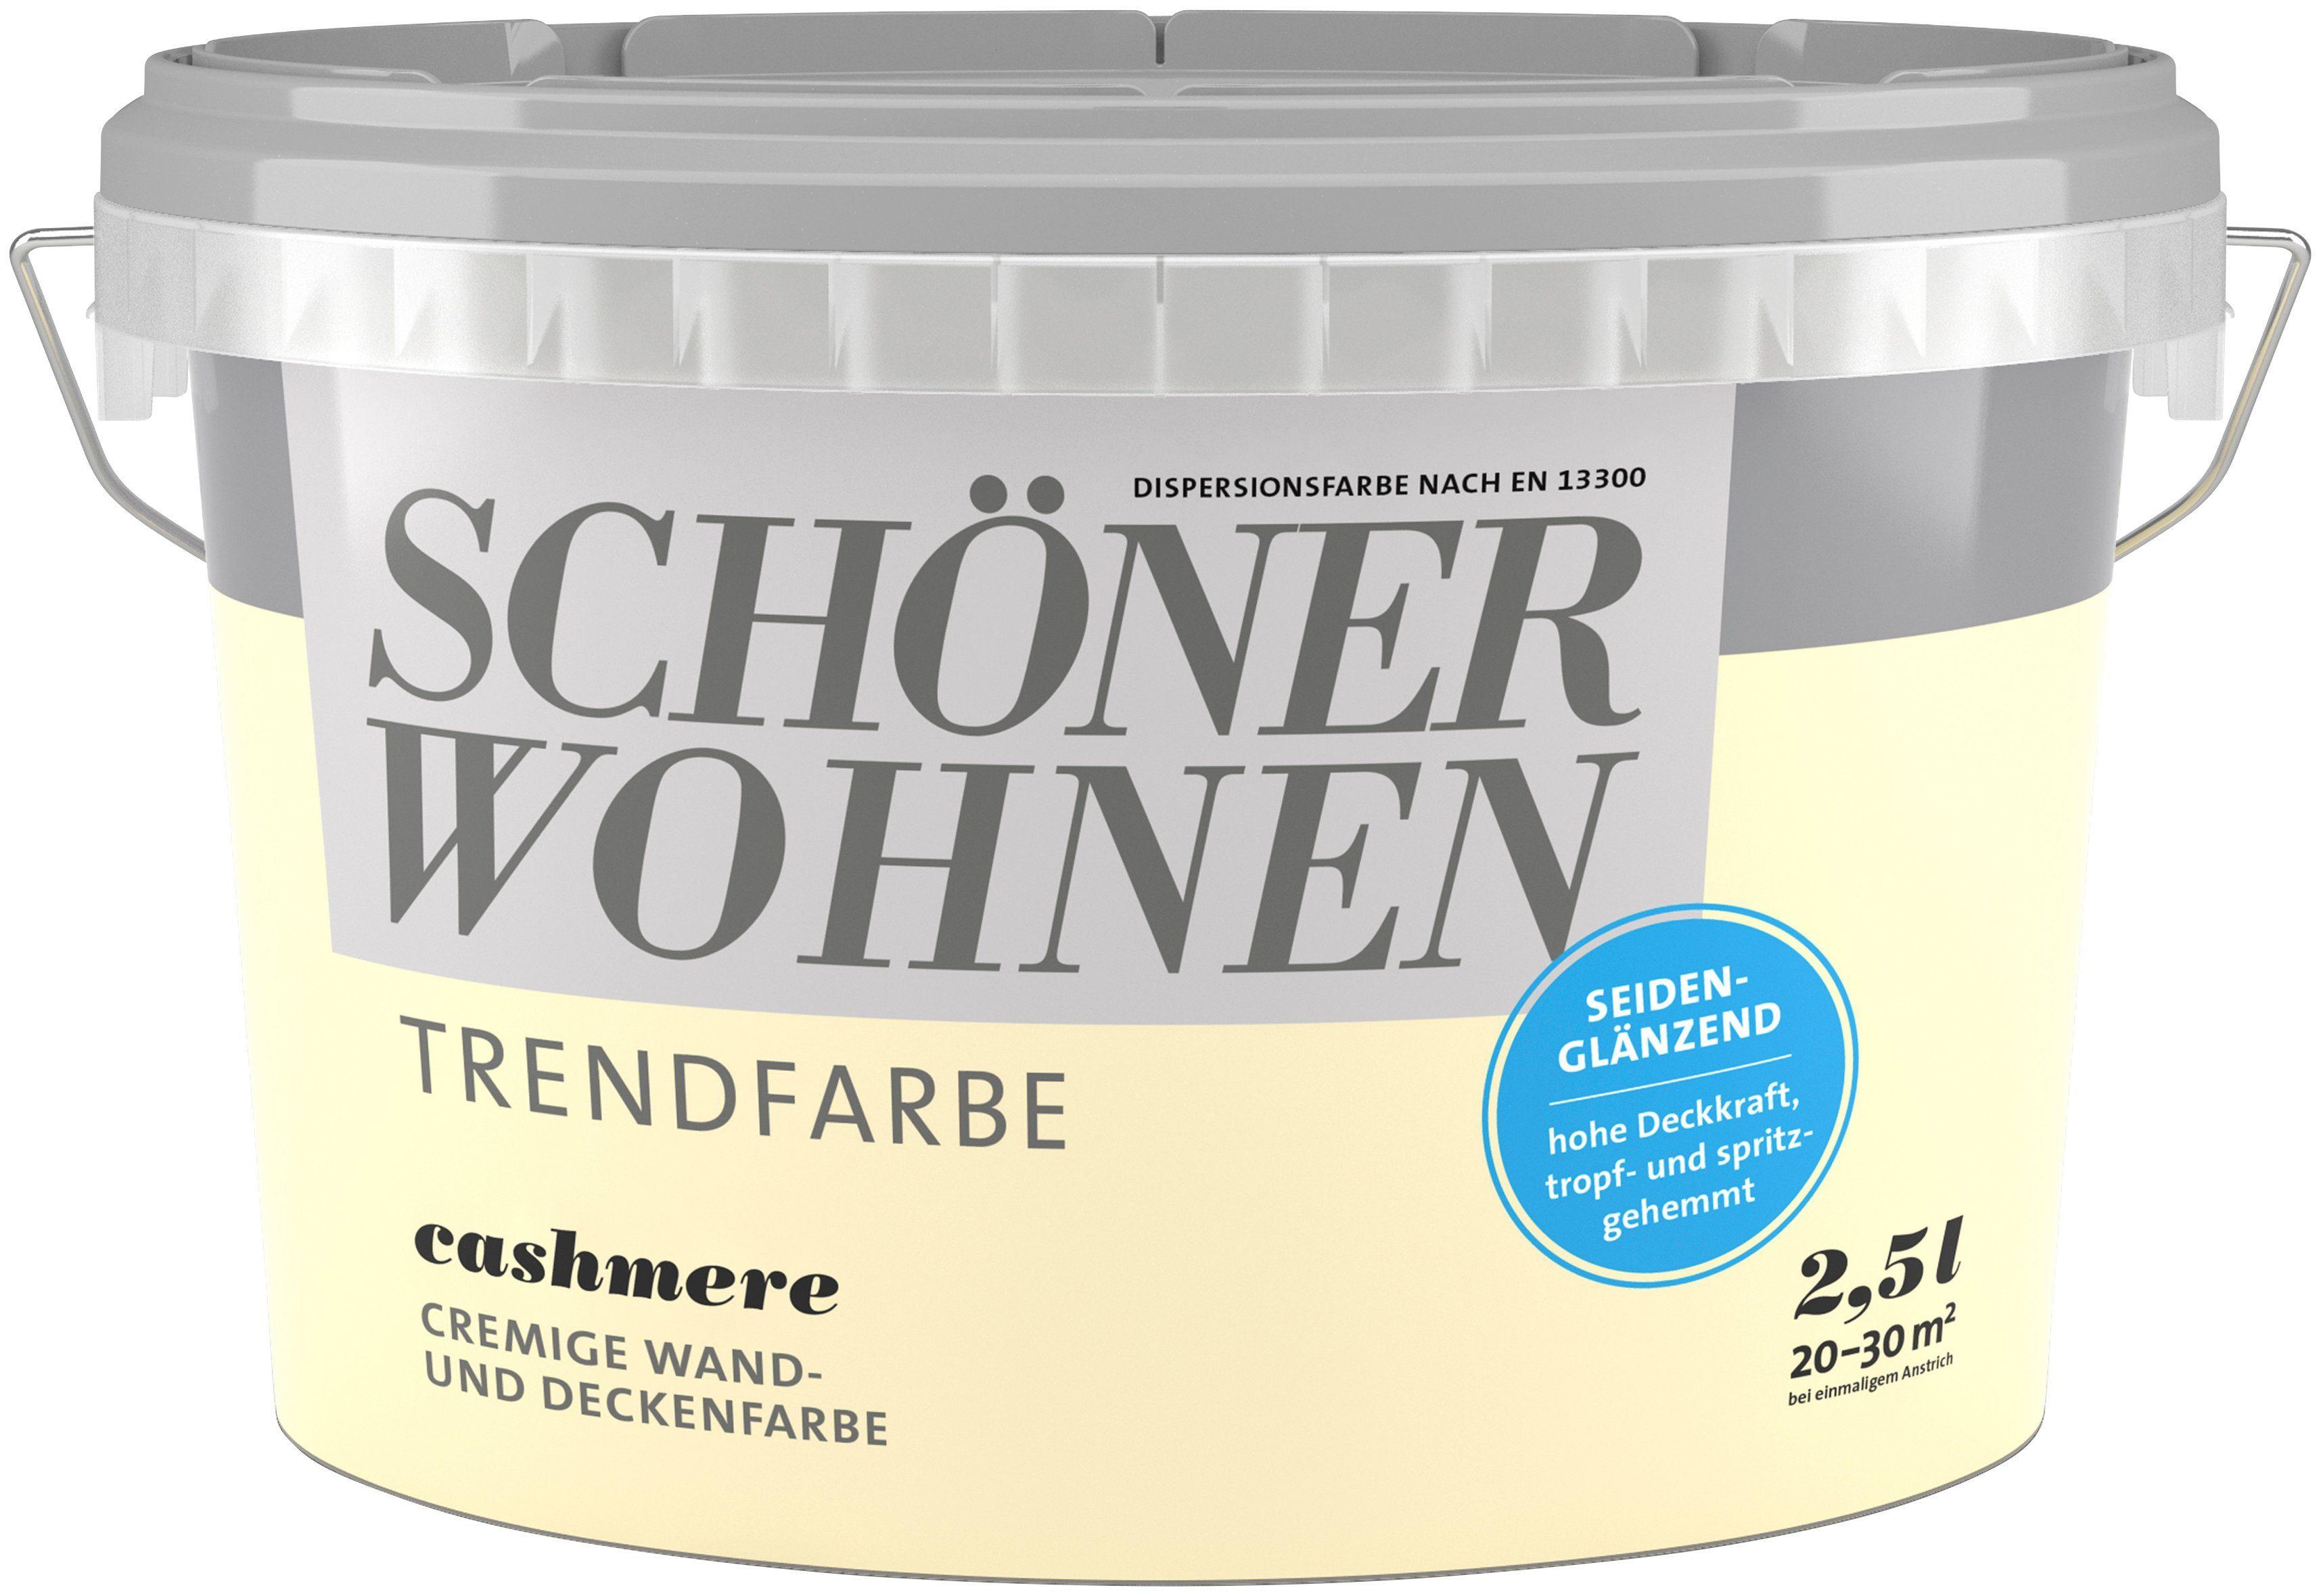 SCHÖNER WOHNEN FARBE Wand- und Deckenfarbe »Trendfarbe Cashmere, seidenglänzend«, 2,5 l